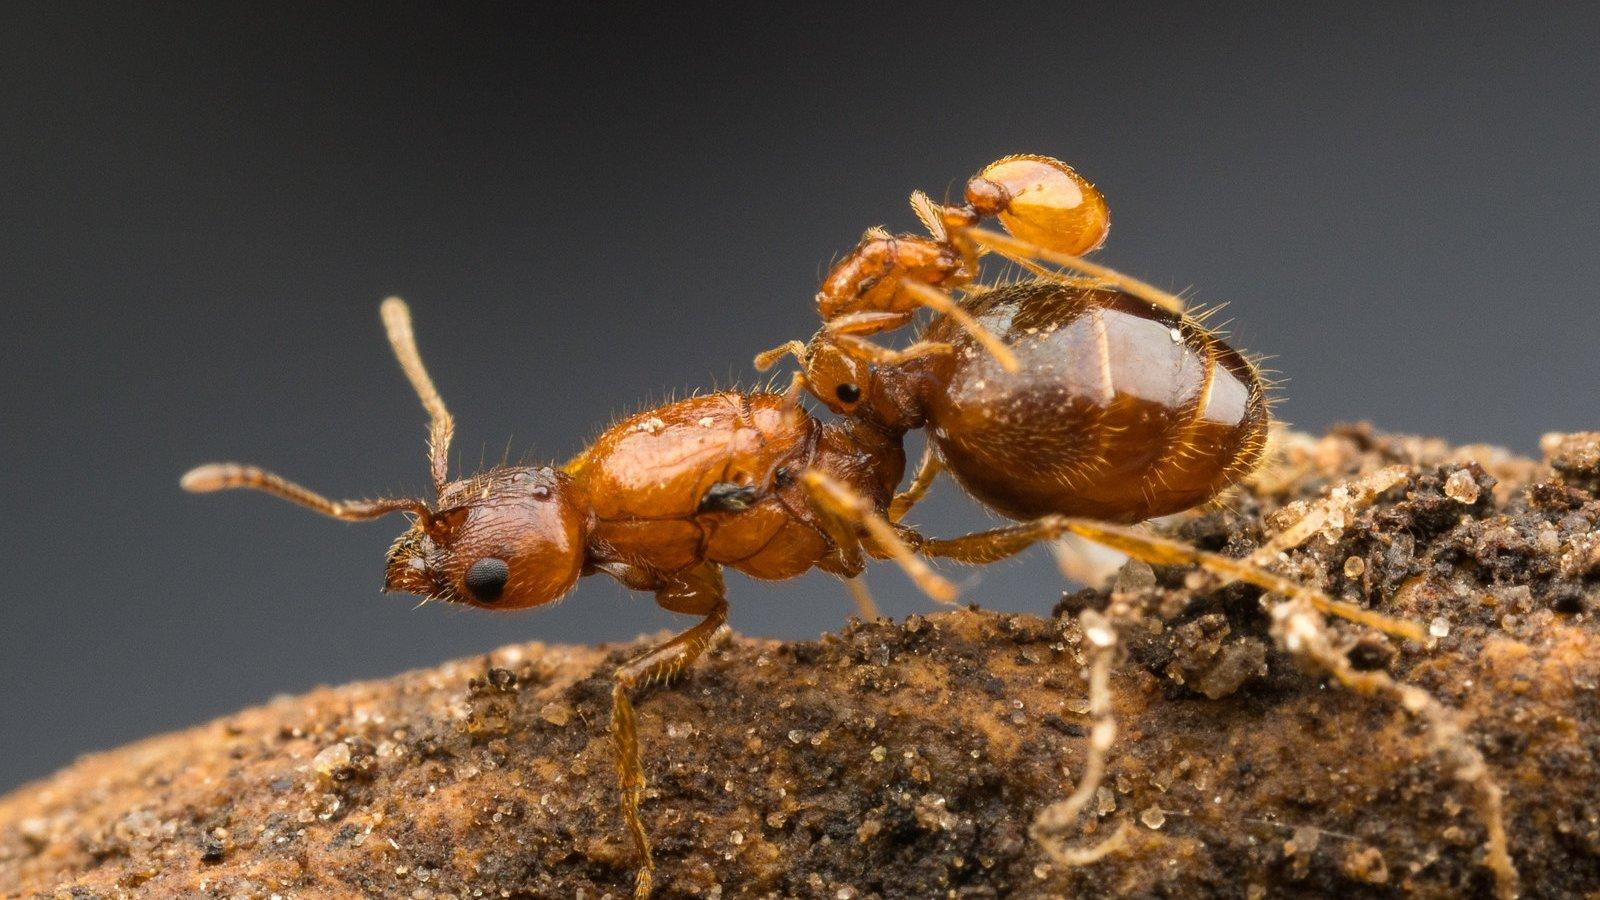 Eine dunkelbraune Ameisenkönigin auf einem Stück Holzrinde. Auf ihrem Rücken eine winzige bernsteinfarbene Ameise, die sich an die Taille des größeren Insekts klammert.